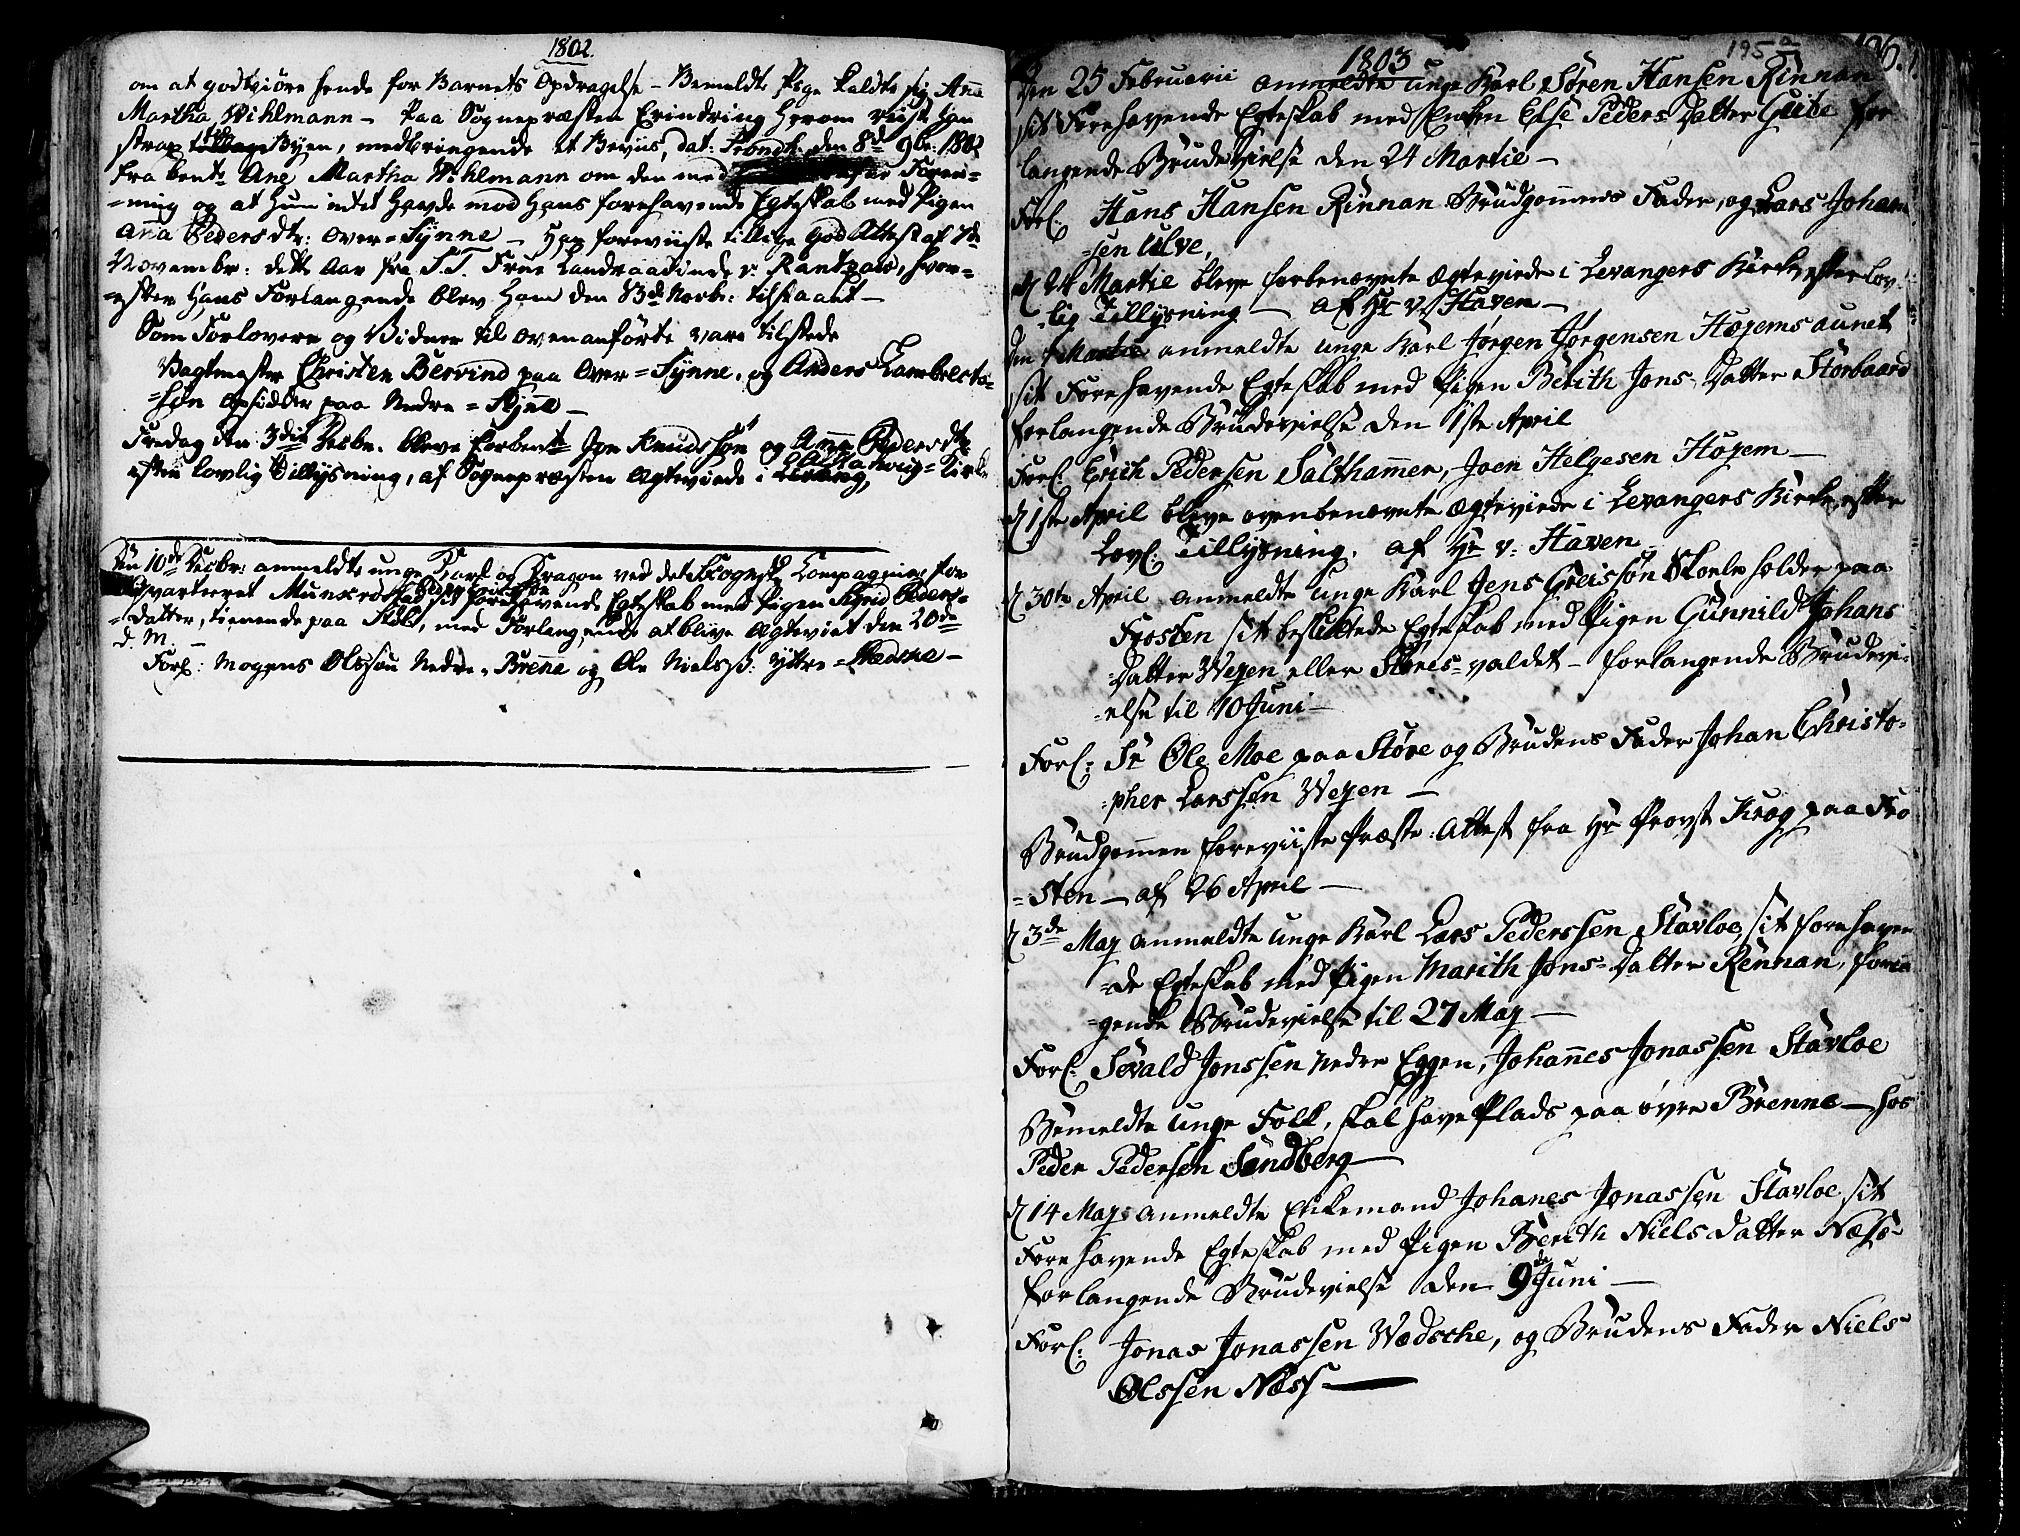 SAT, Ministerialprotokoller, klokkerbøker og fødselsregistre - Nord-Trøndelag, 717/L0142: Ministerialbok nr. 717A02 /1, 1783-1809, s. 195b